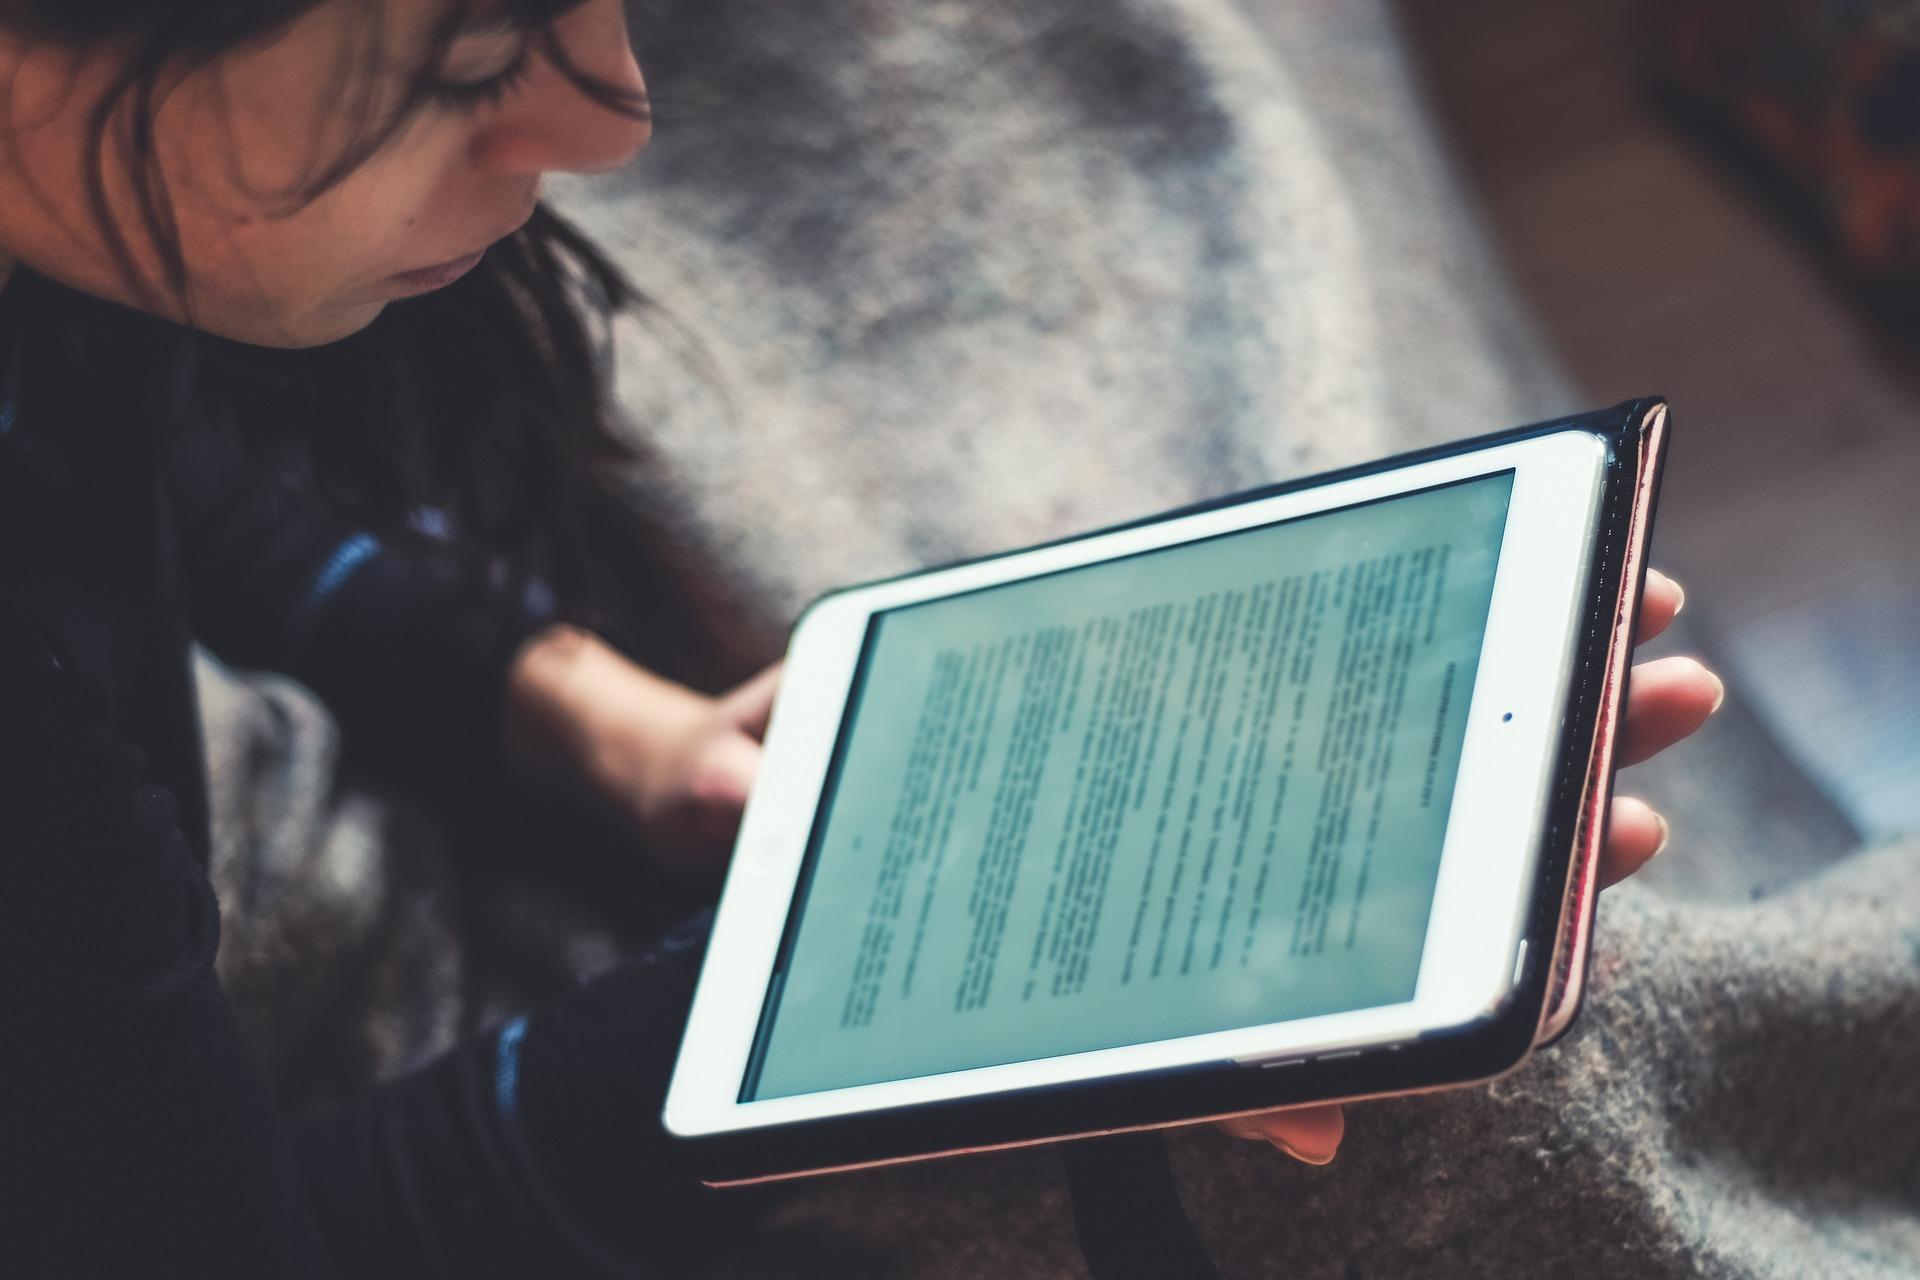 Iskoristite besplatne onlajn kurseve za učenje